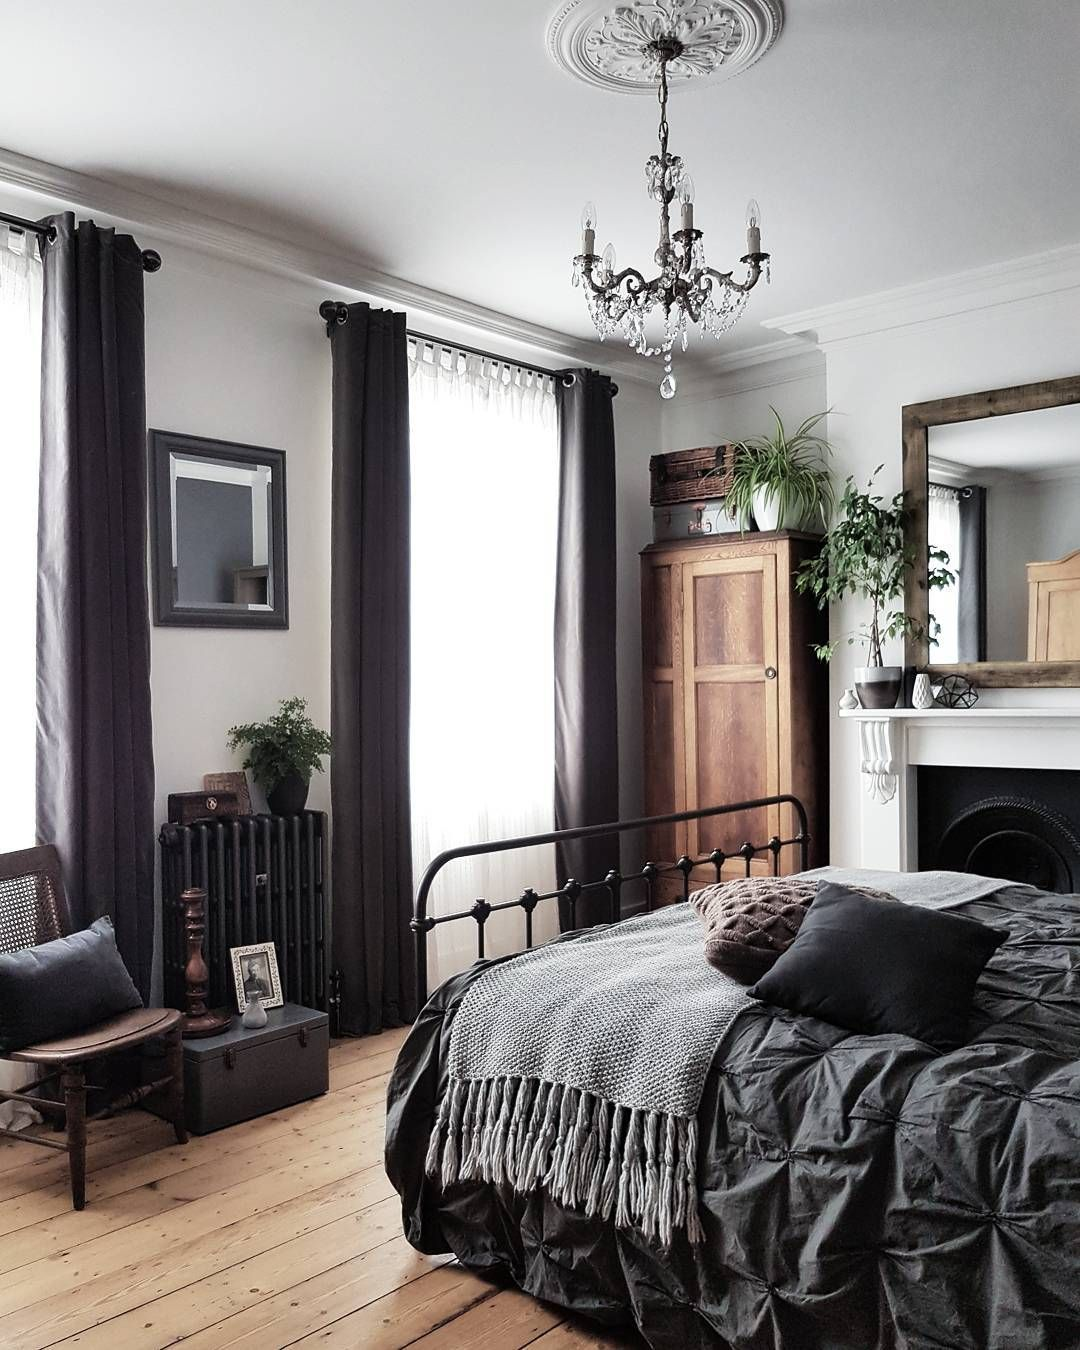 Épinglé par Jacqueline sur dream home & decor | Pinterest ...